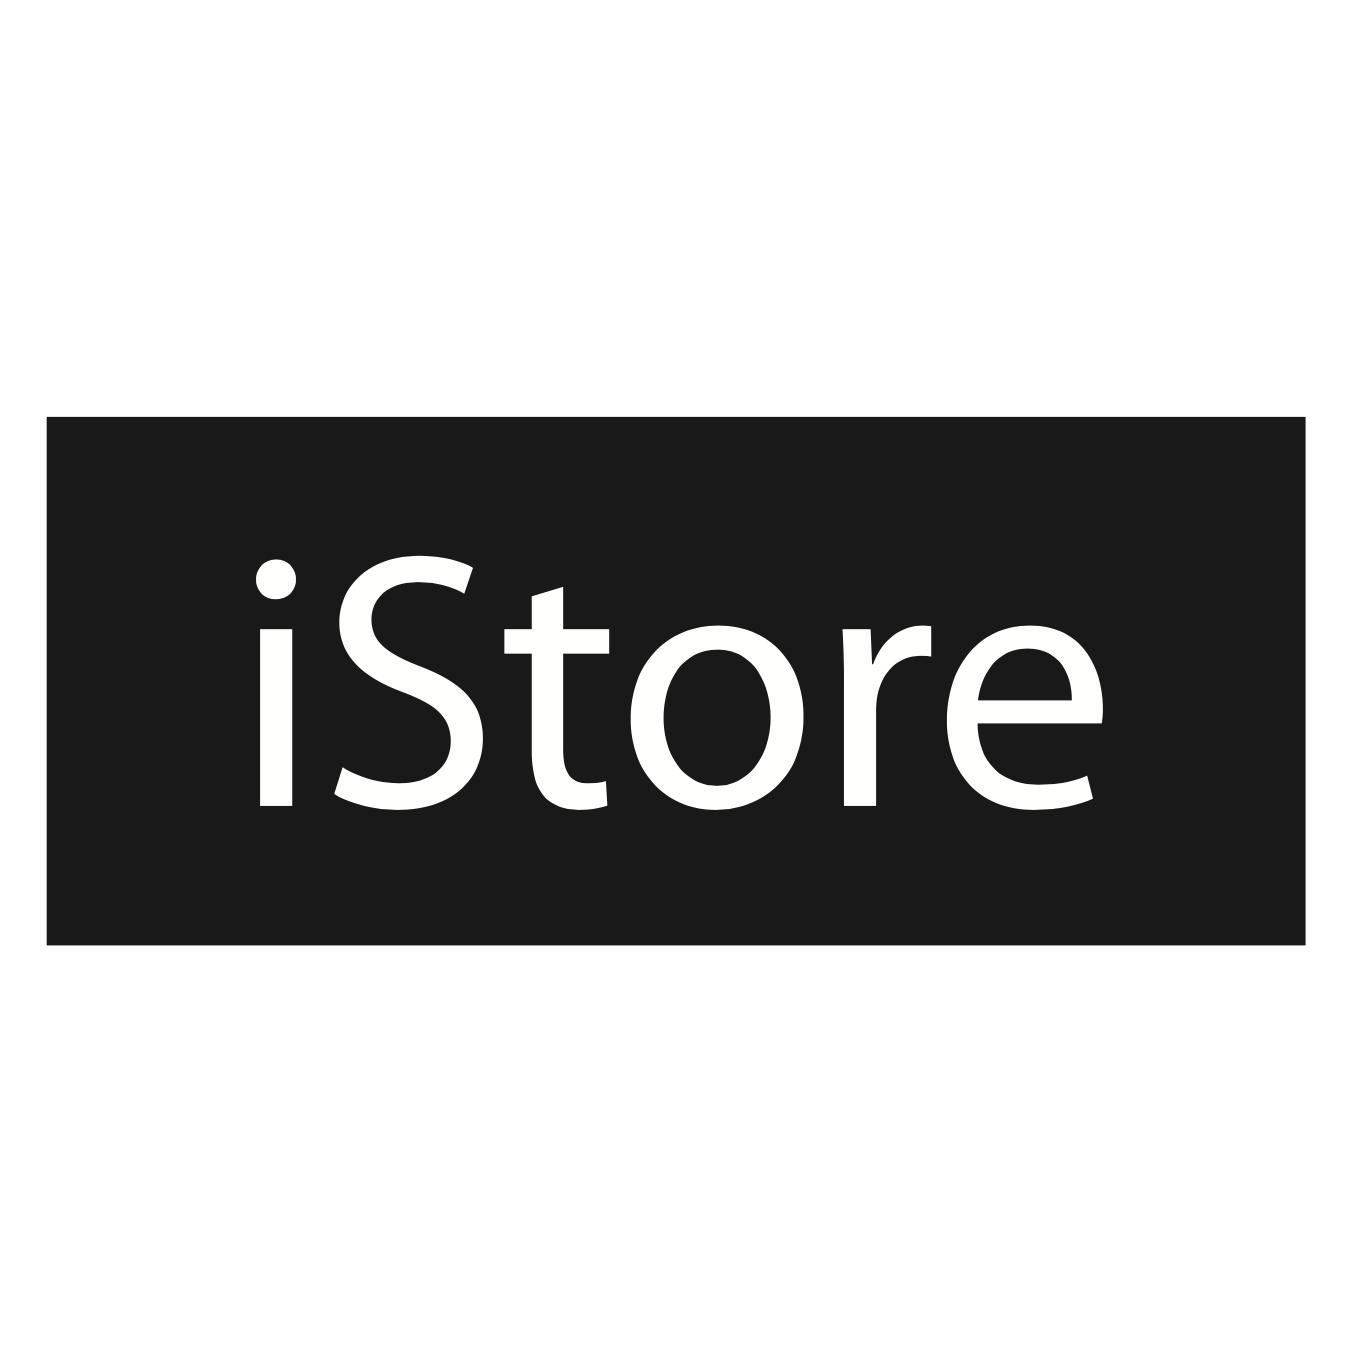 Overture iPhone 6 Plus - Titanium